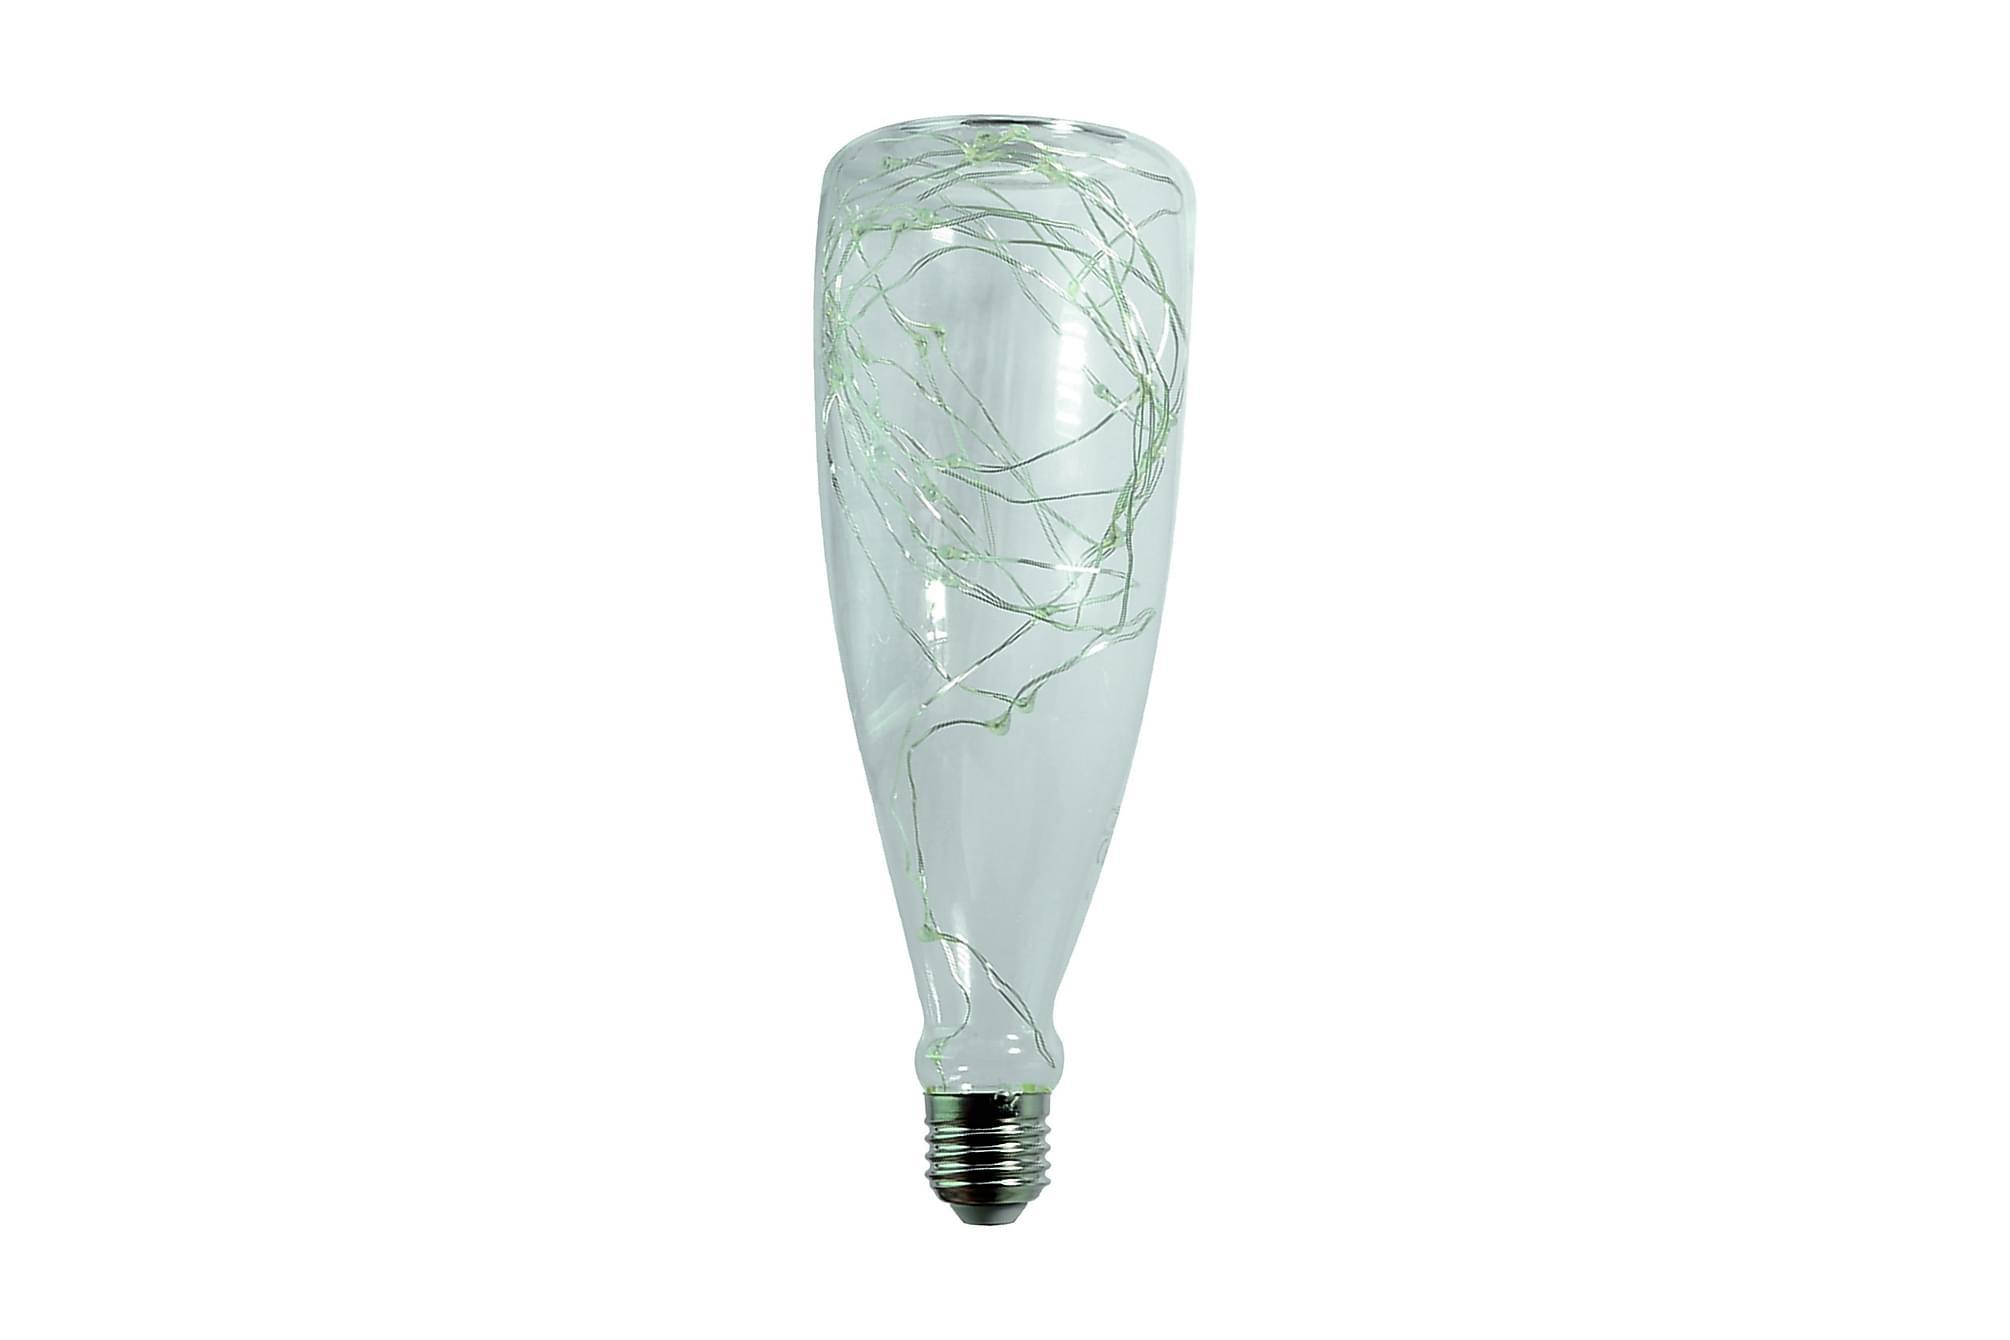 BRASSINGTON Glödlampa Grå, Glödlampor & ljuskällor